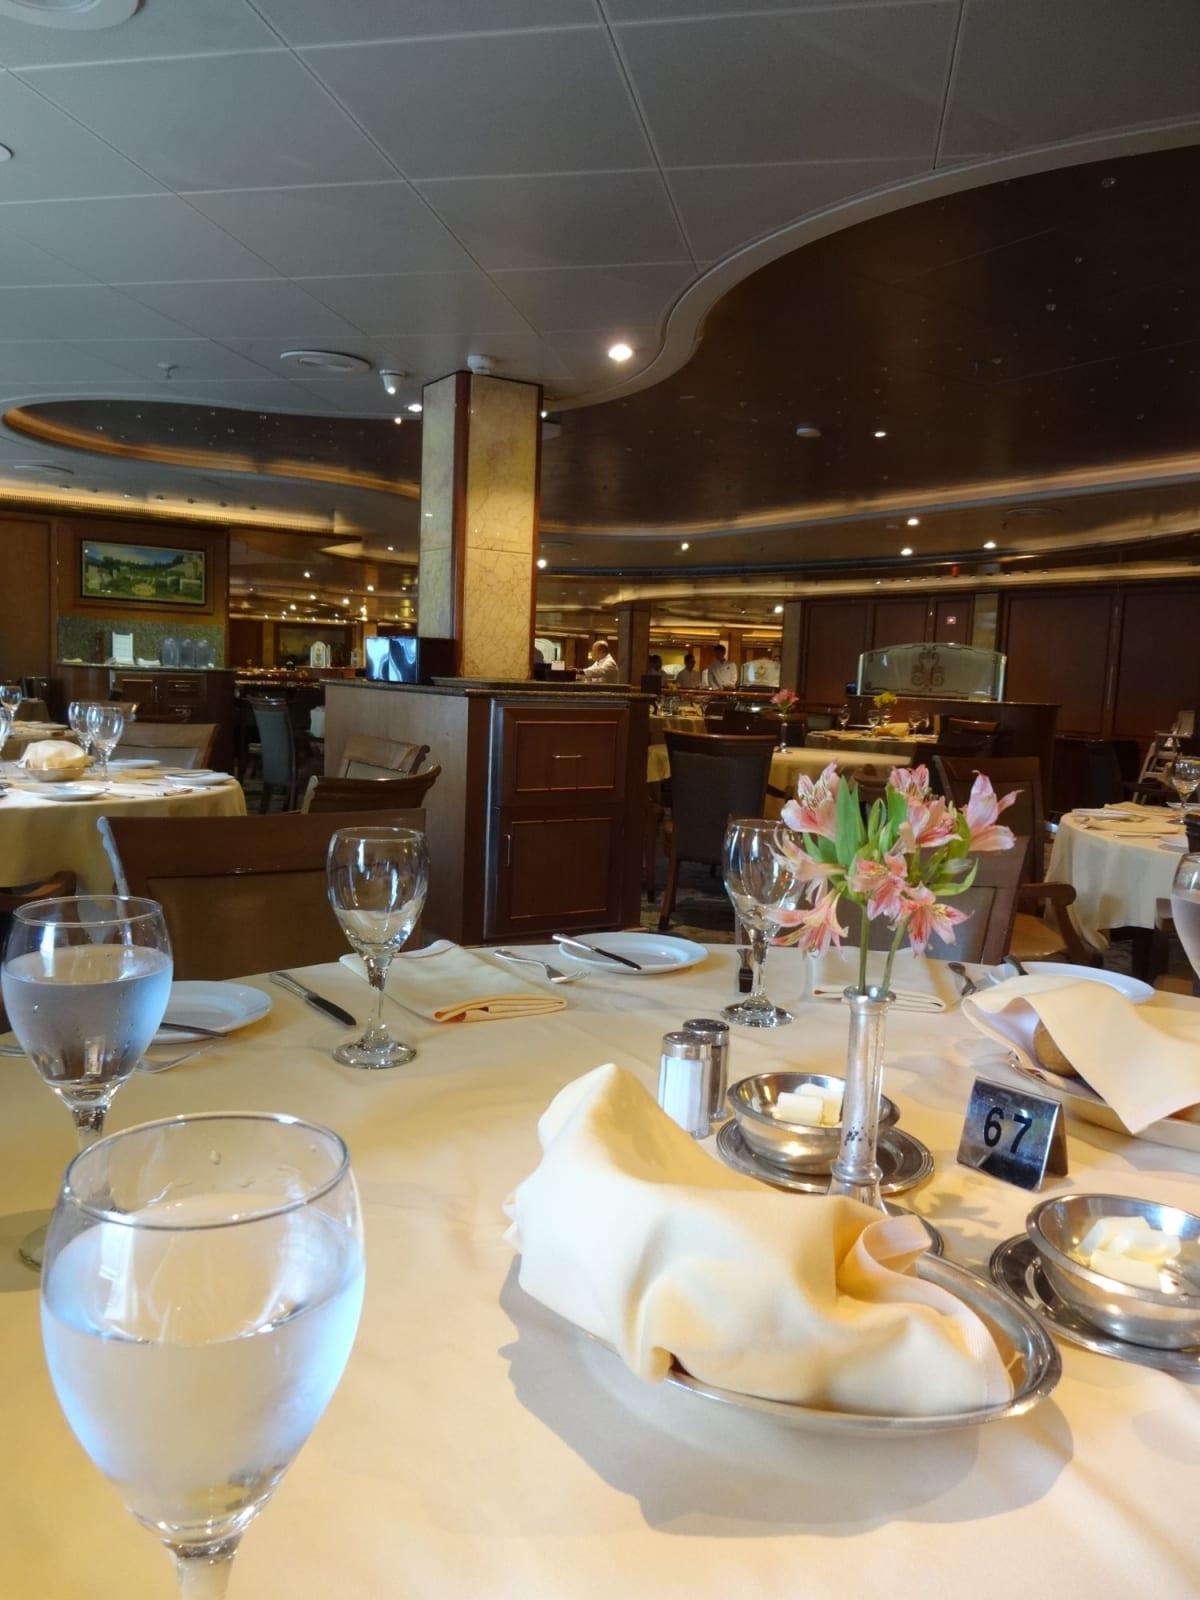 乗船当日のランチはインターナショナルダイニングで♪  ビュッフェを目指す人が多いからがらがらです。 でも、テーブルはたくさん空いているのに、一つのテーブルに詰め込まれます。(笑) | 客船ダイヤモンド・プリンセスのダイニング